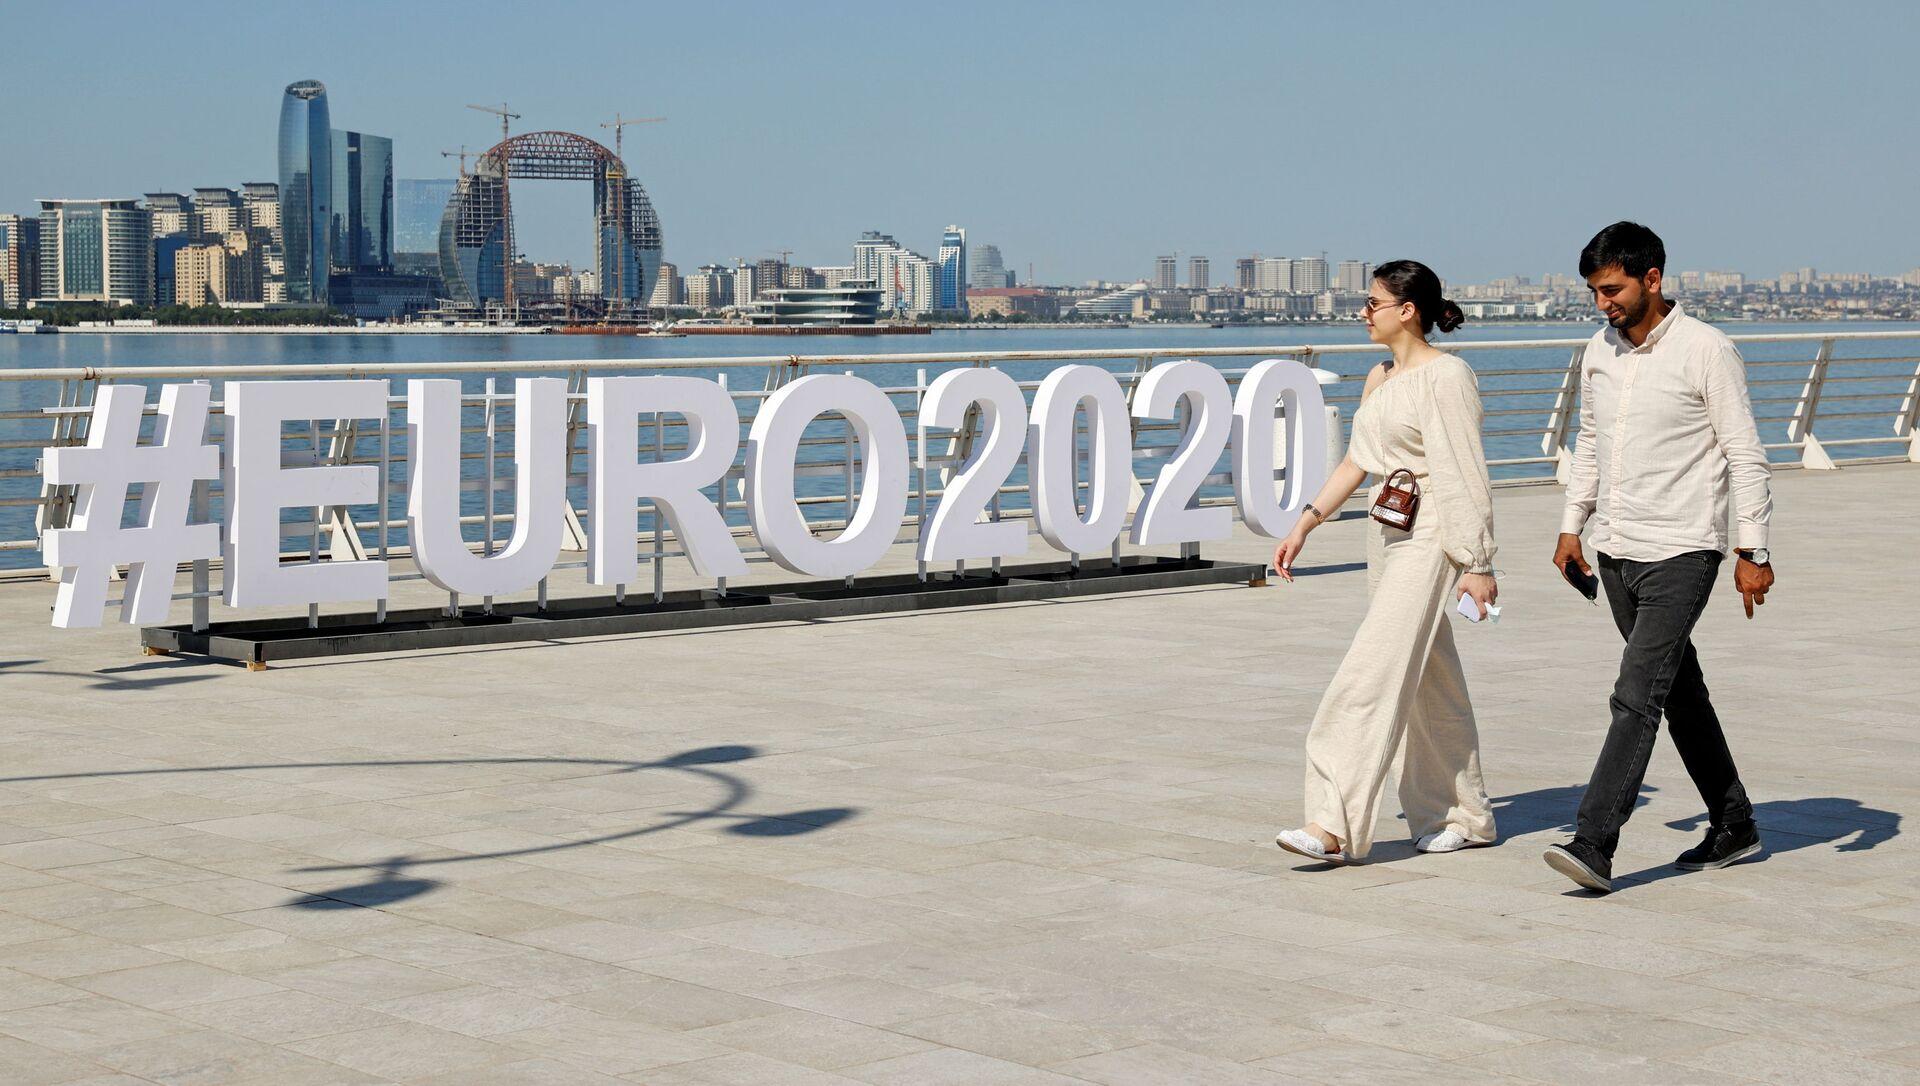 Уличная инсталляция чемпионата Европы по футболу ЕВРО-2020 в Баку - Sputnik Азербайджан, 1920, 06.07.2021